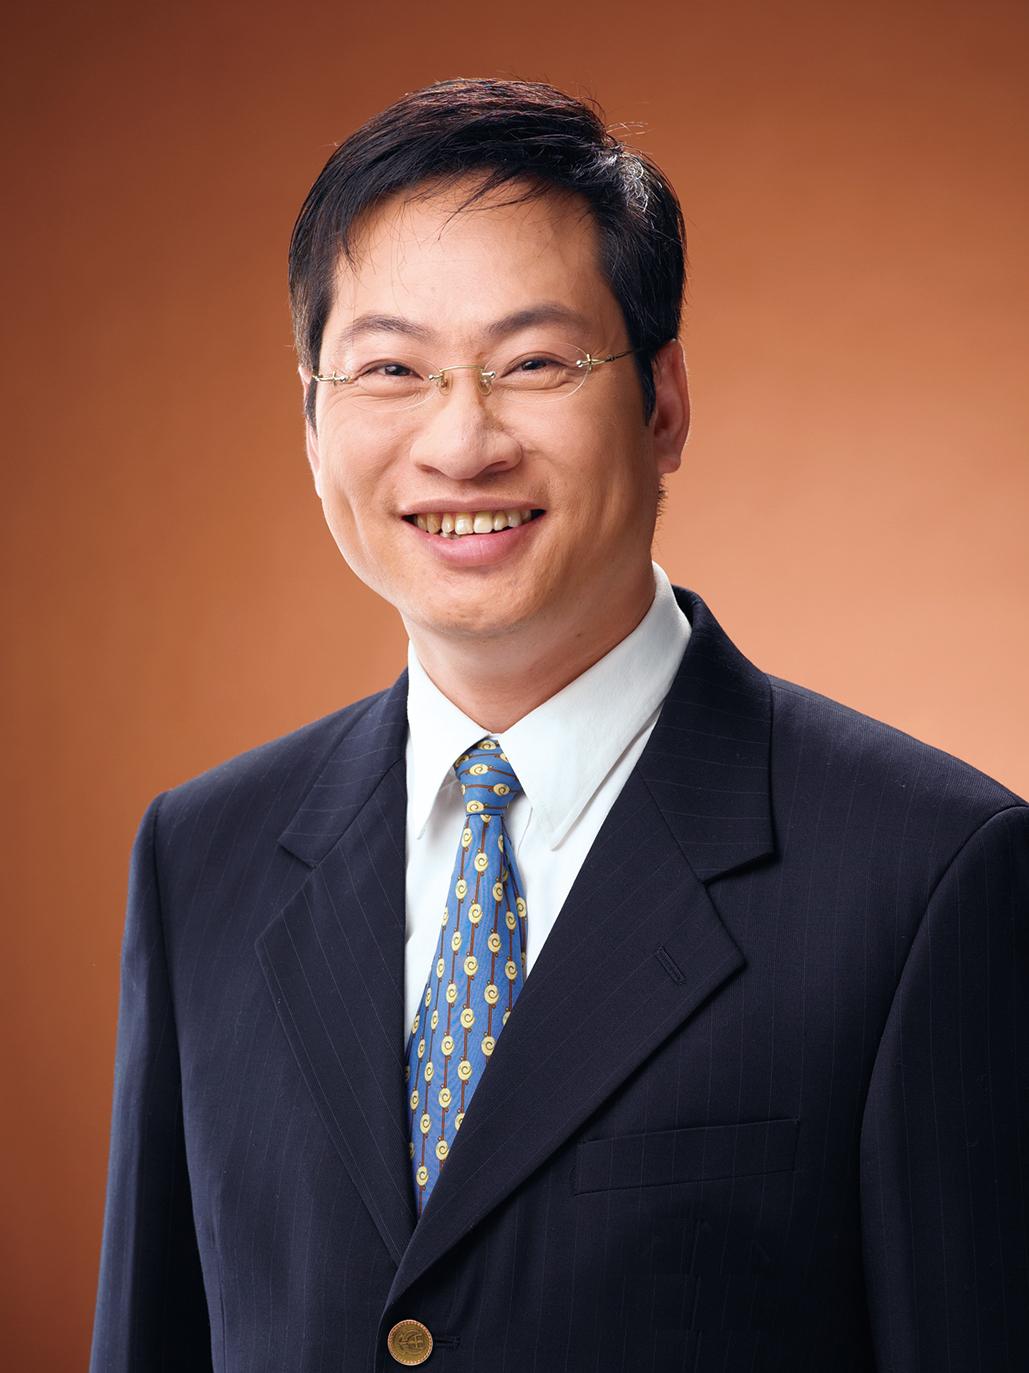 黃建華肖像